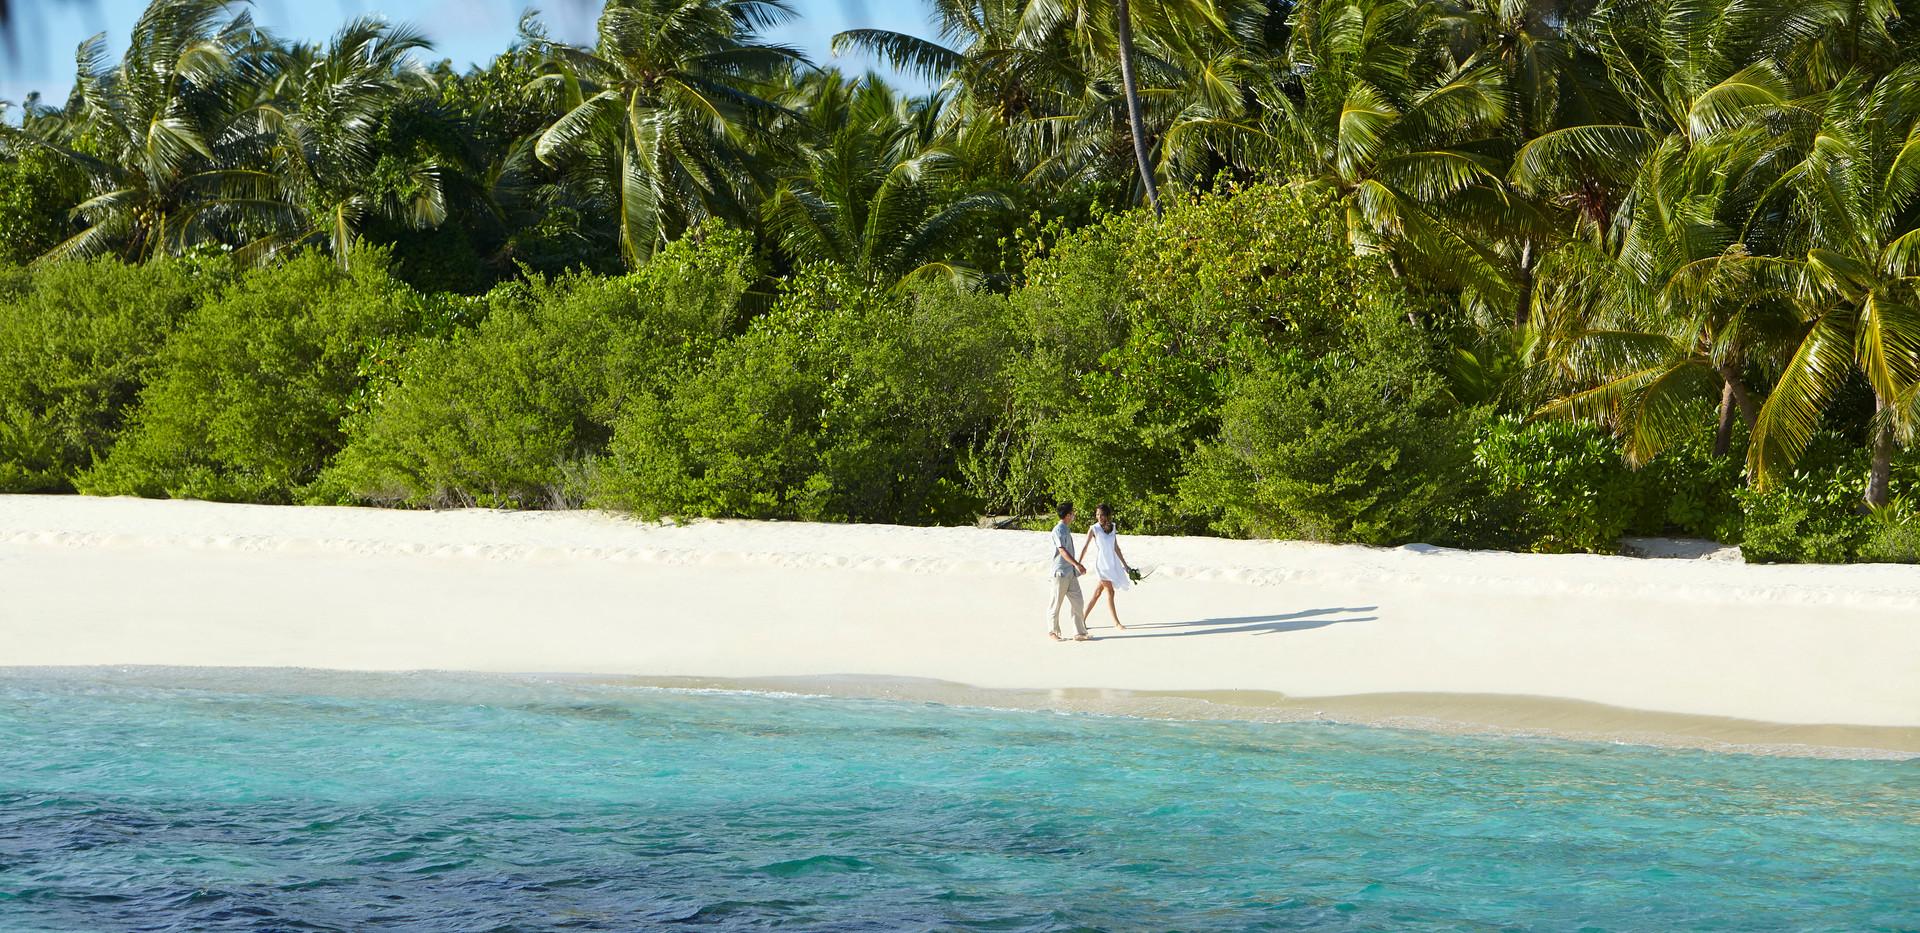 dusit-thani-maldives_wedding_couple-on-b